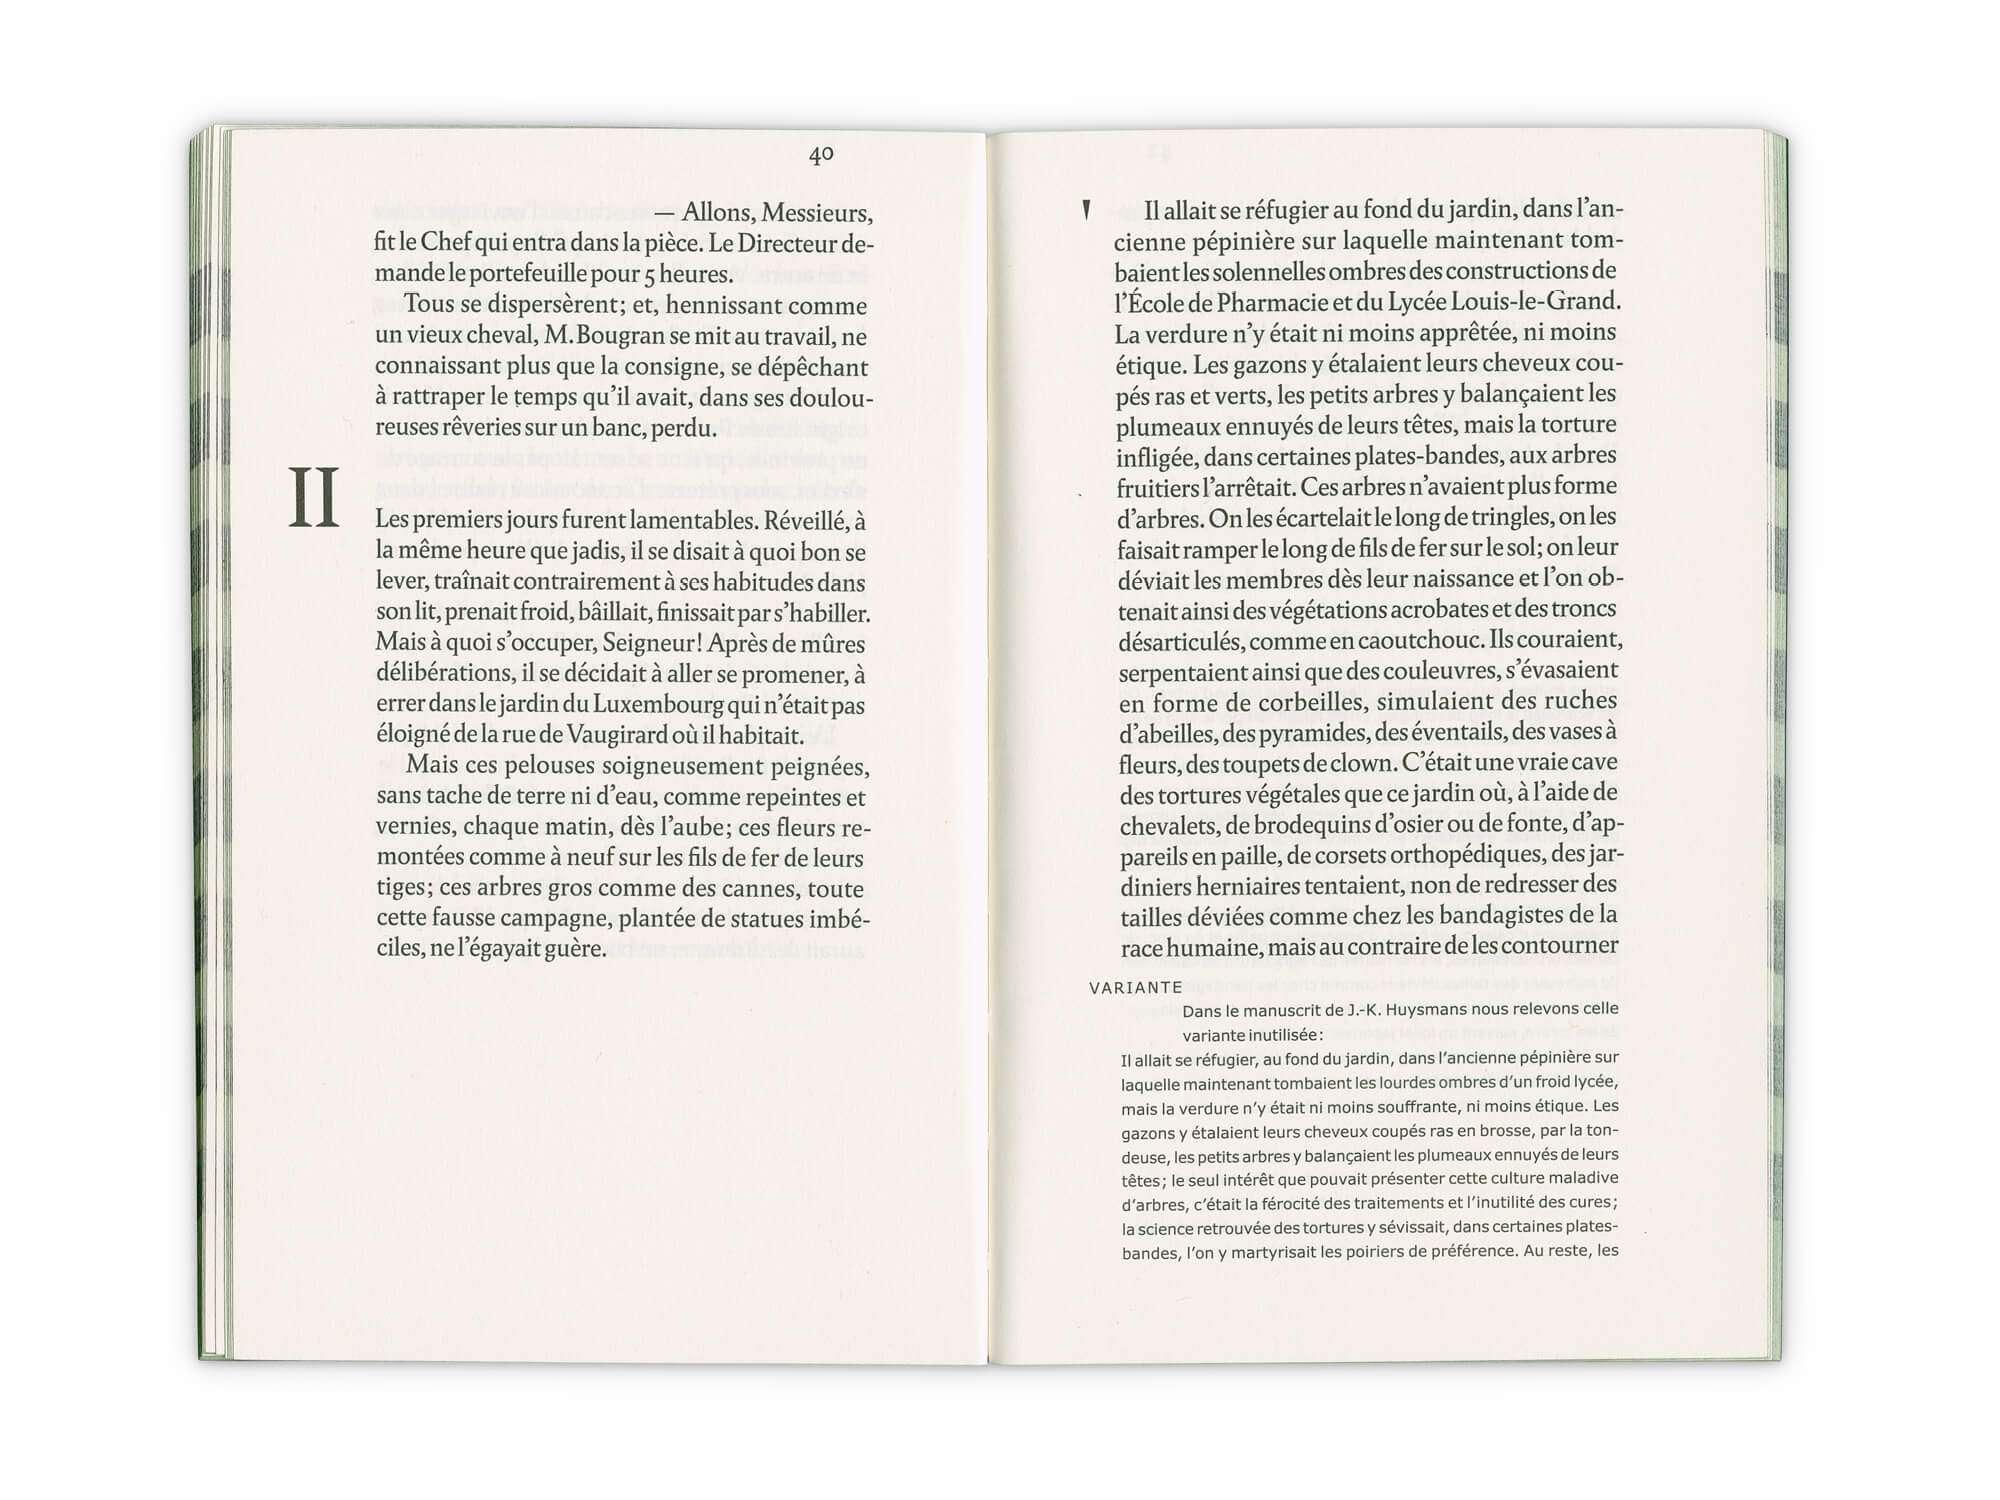 Intérieur du roman de Joris-Karl Huysmans, La retraite de Mr Bougran, aux éditions Cent Pages